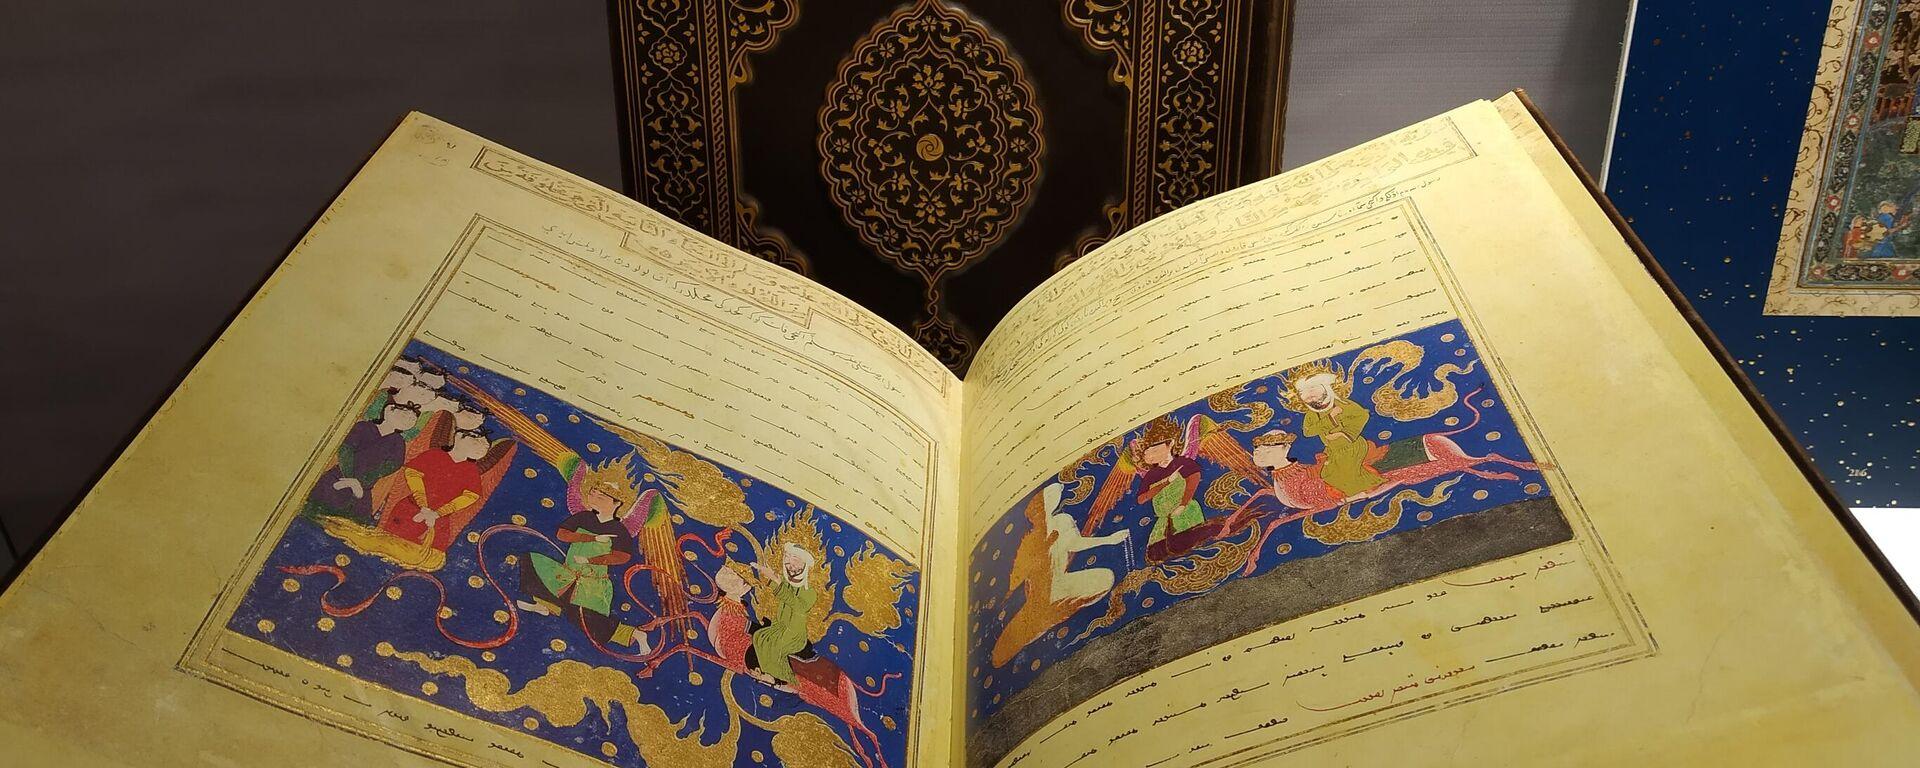 Книги-альбомы, посвященные культурному наследию Узбекистана - Sputnik Узбекистан, 1920, 17.09.2021